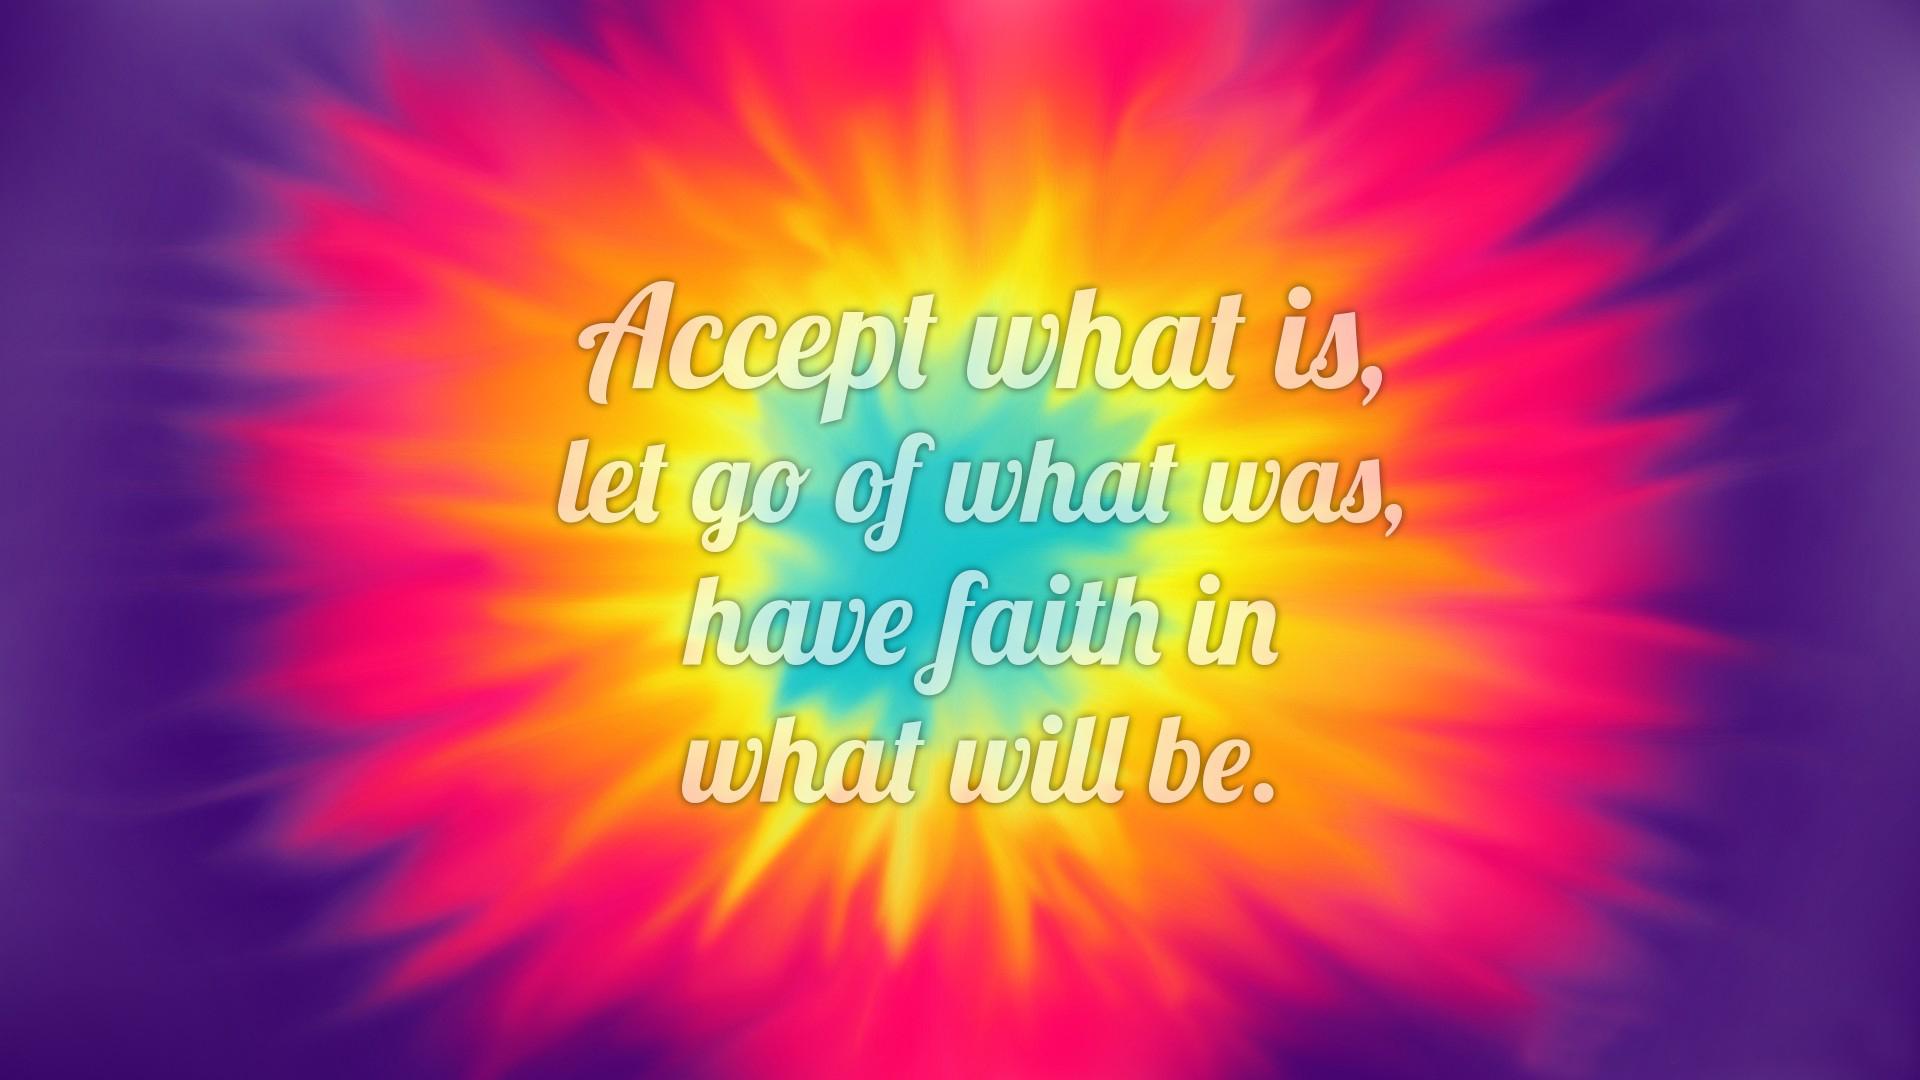 Faith Quotes Wallpaper. QuotesGram